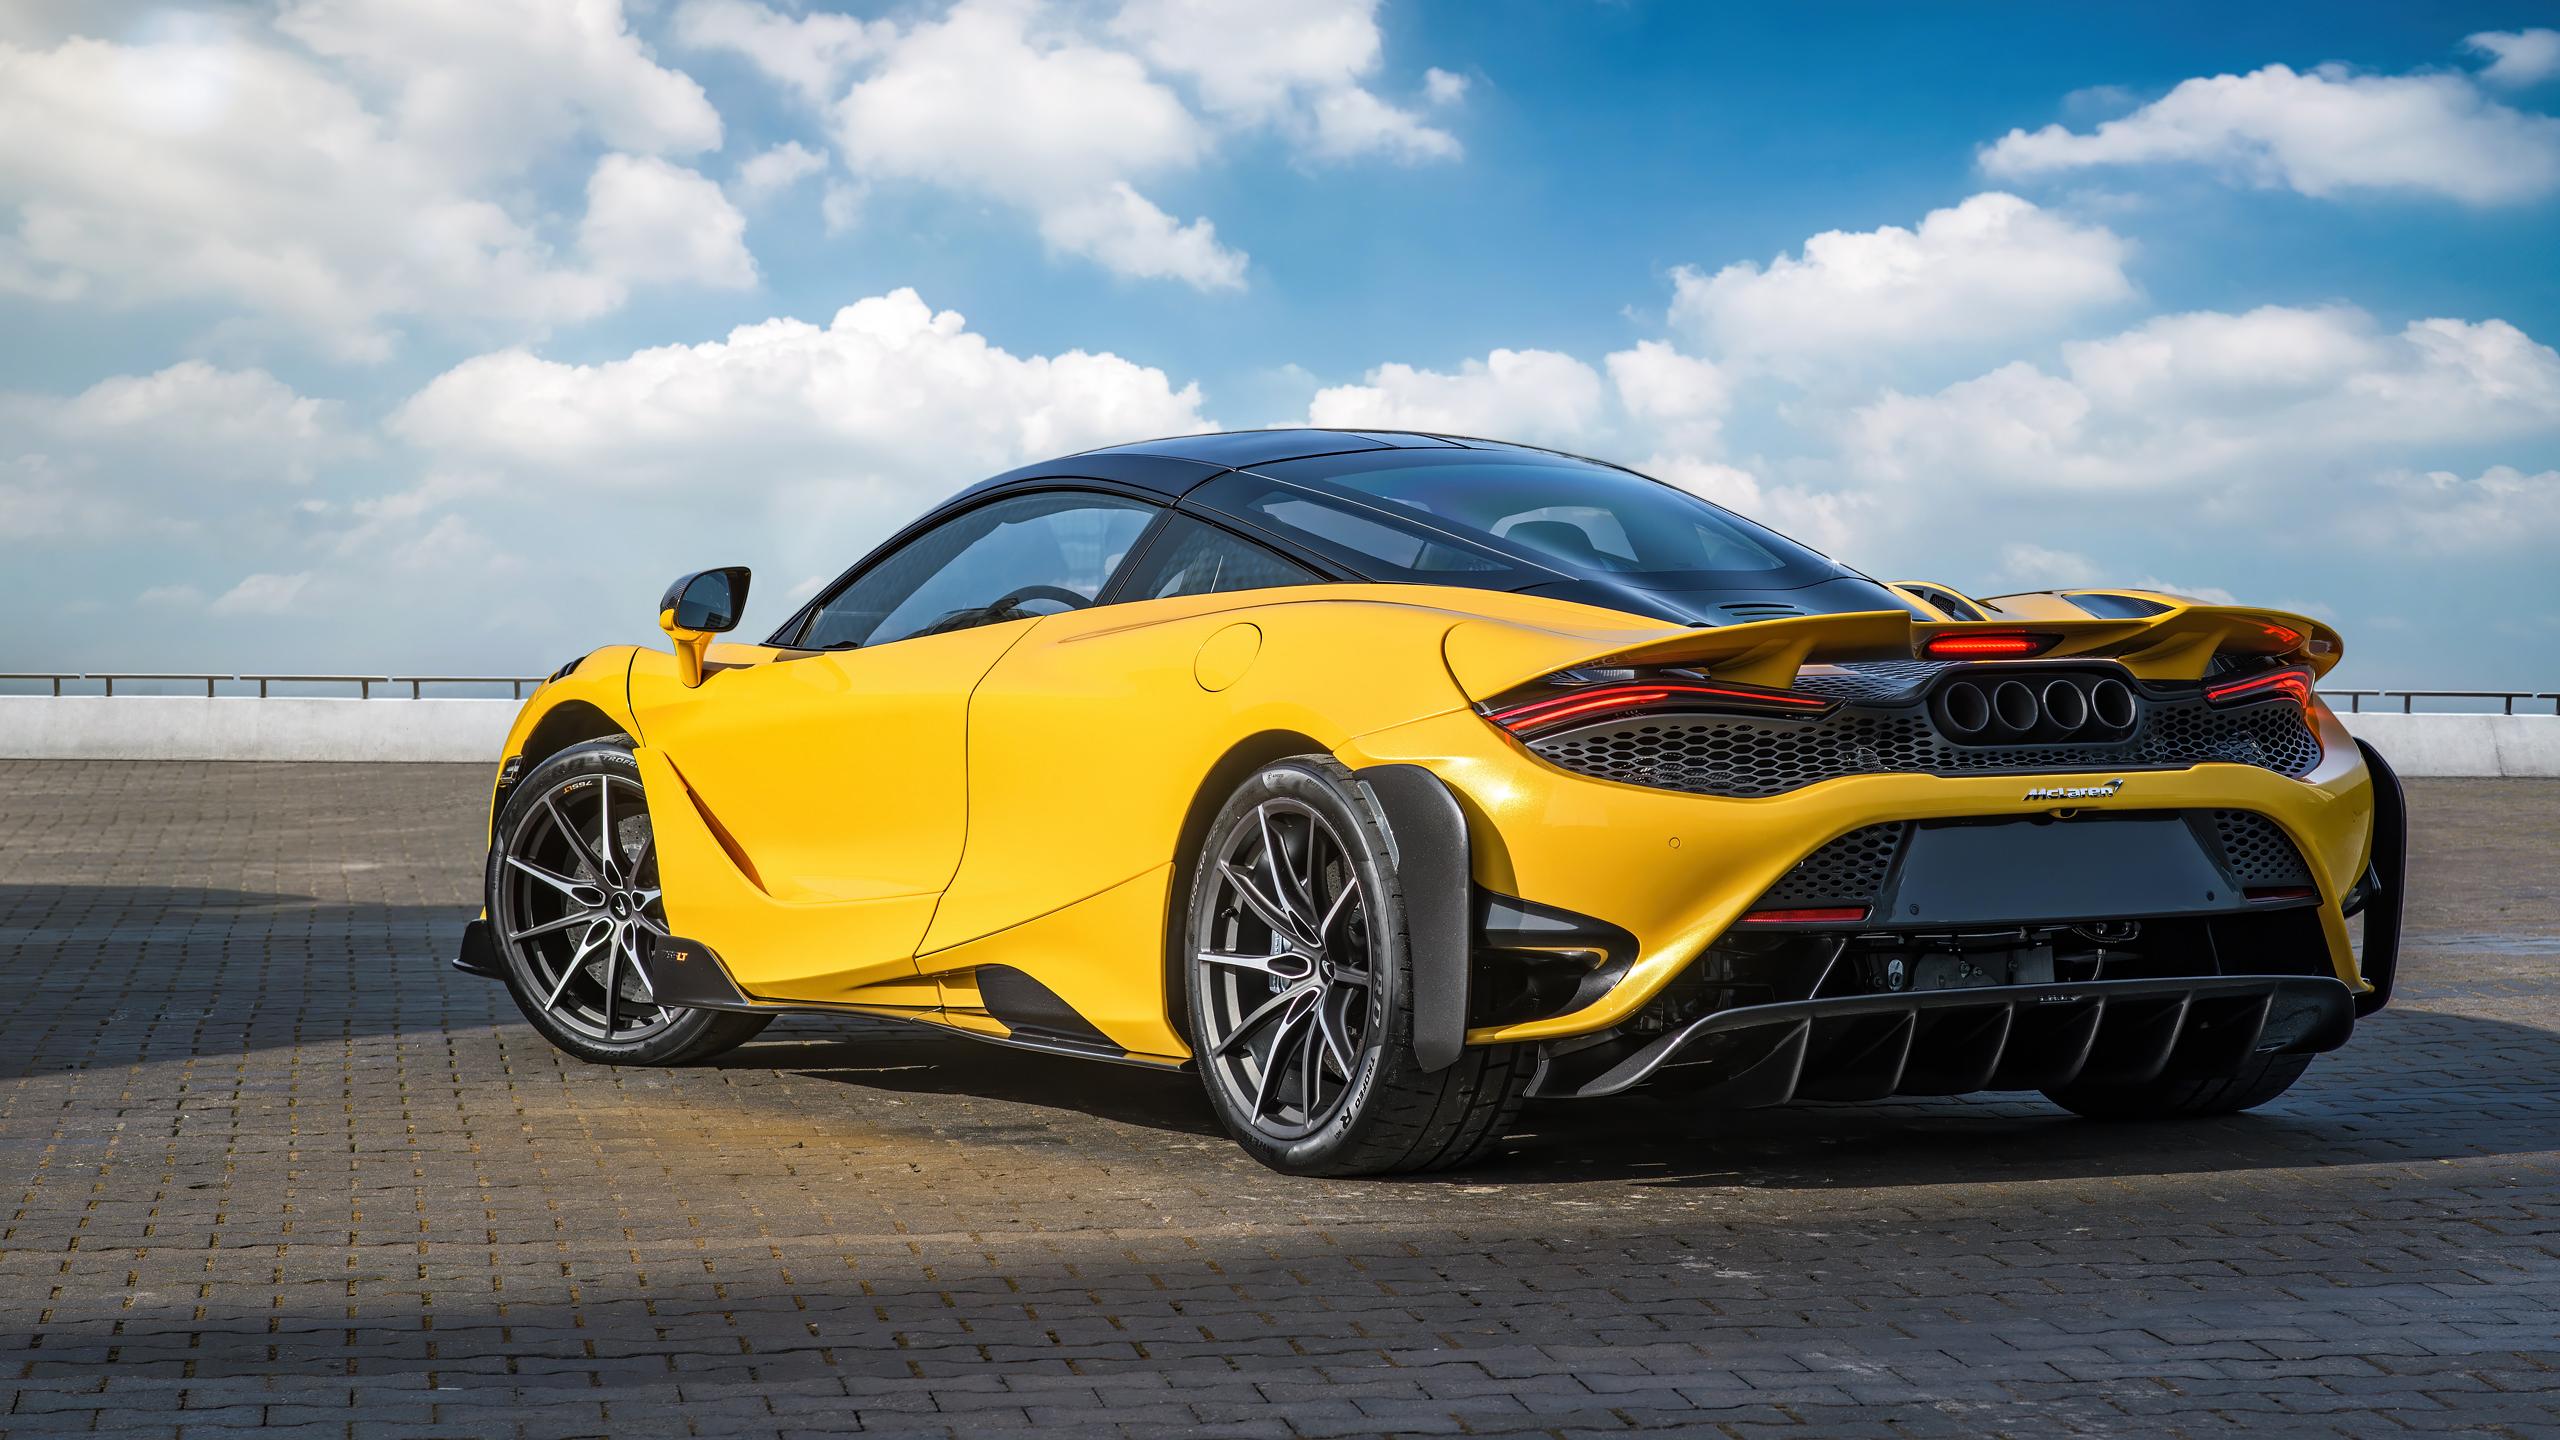 McLaren 765LT McLaren Supercars Sports Car Car Vehicle Yellow Cars Clouds 2560x1440